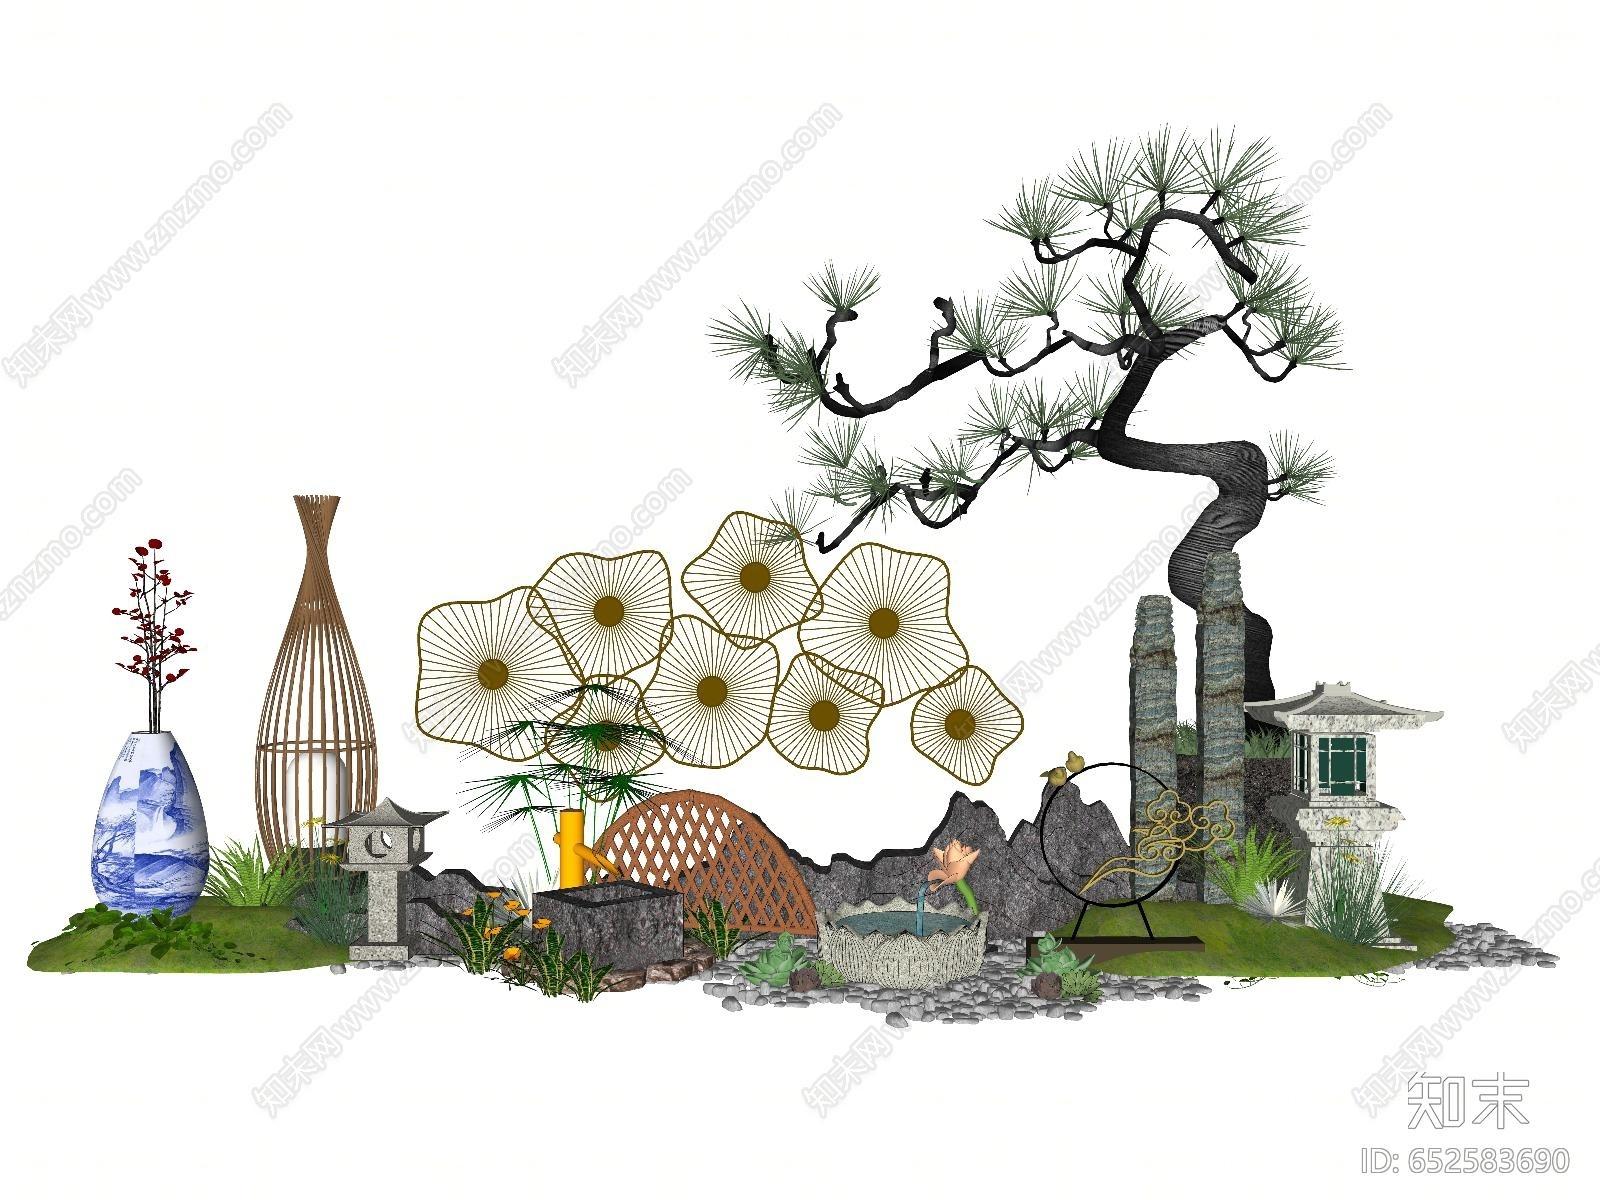 新中式风格禅意庭院景观小品组合SU模型下载【ID:652583690】